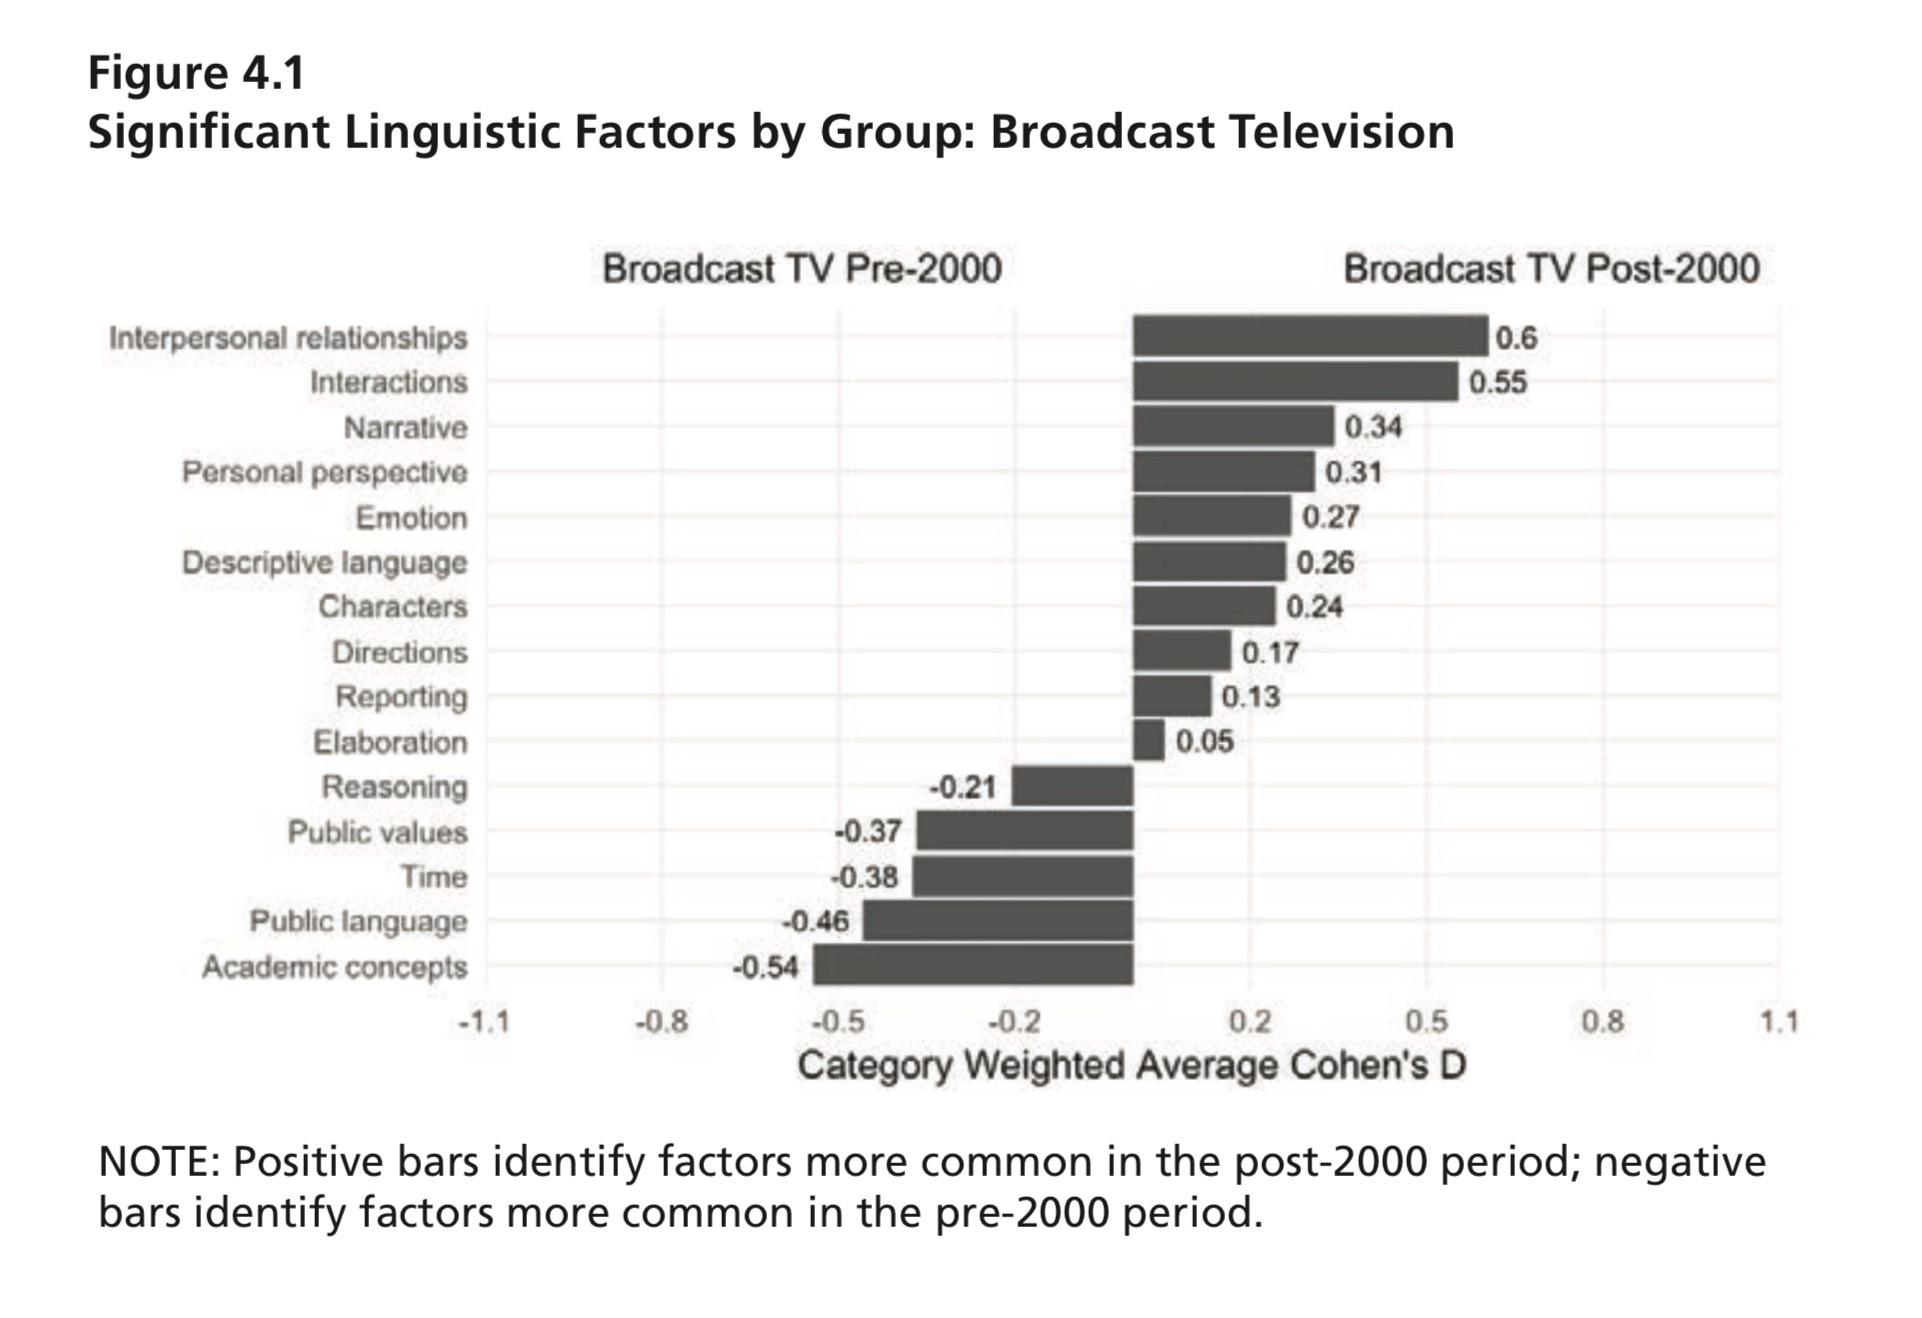 بيانات توضح تراجع اللغة الاكاديمية والقيم العامة فى قنوات البث التلفزيونى